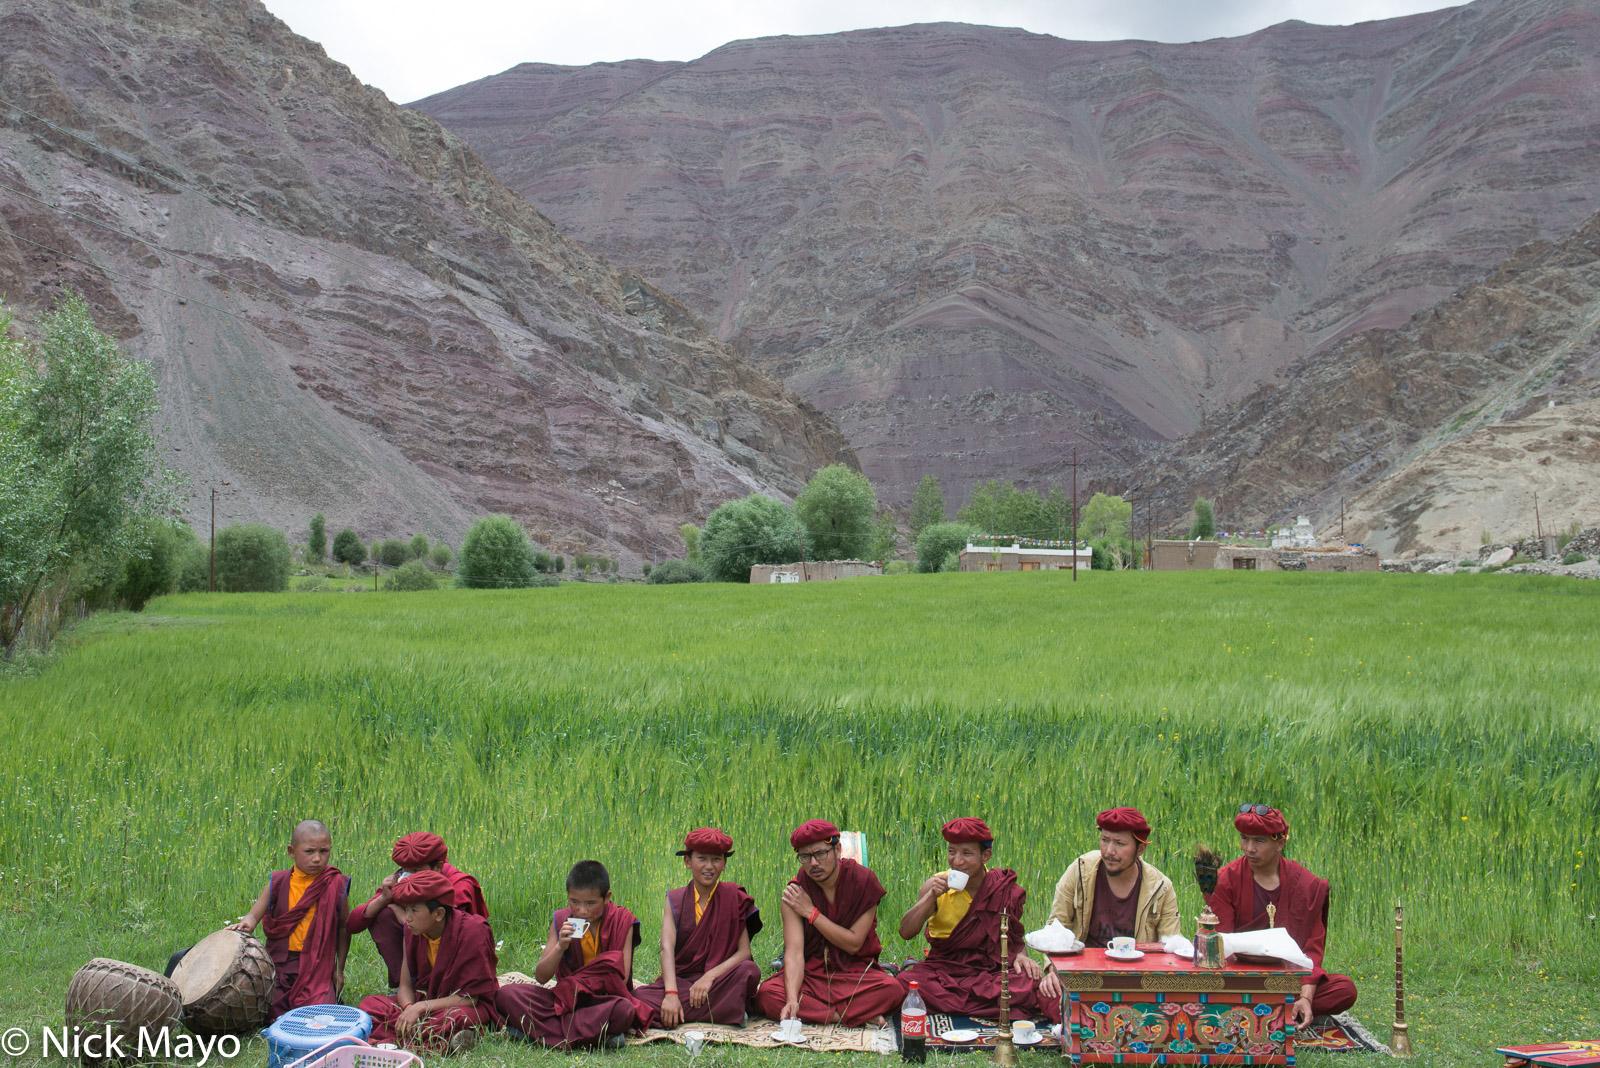 Drum, Horn, India, Jammu & Kashmir, Monk, Religious Ritual, photo